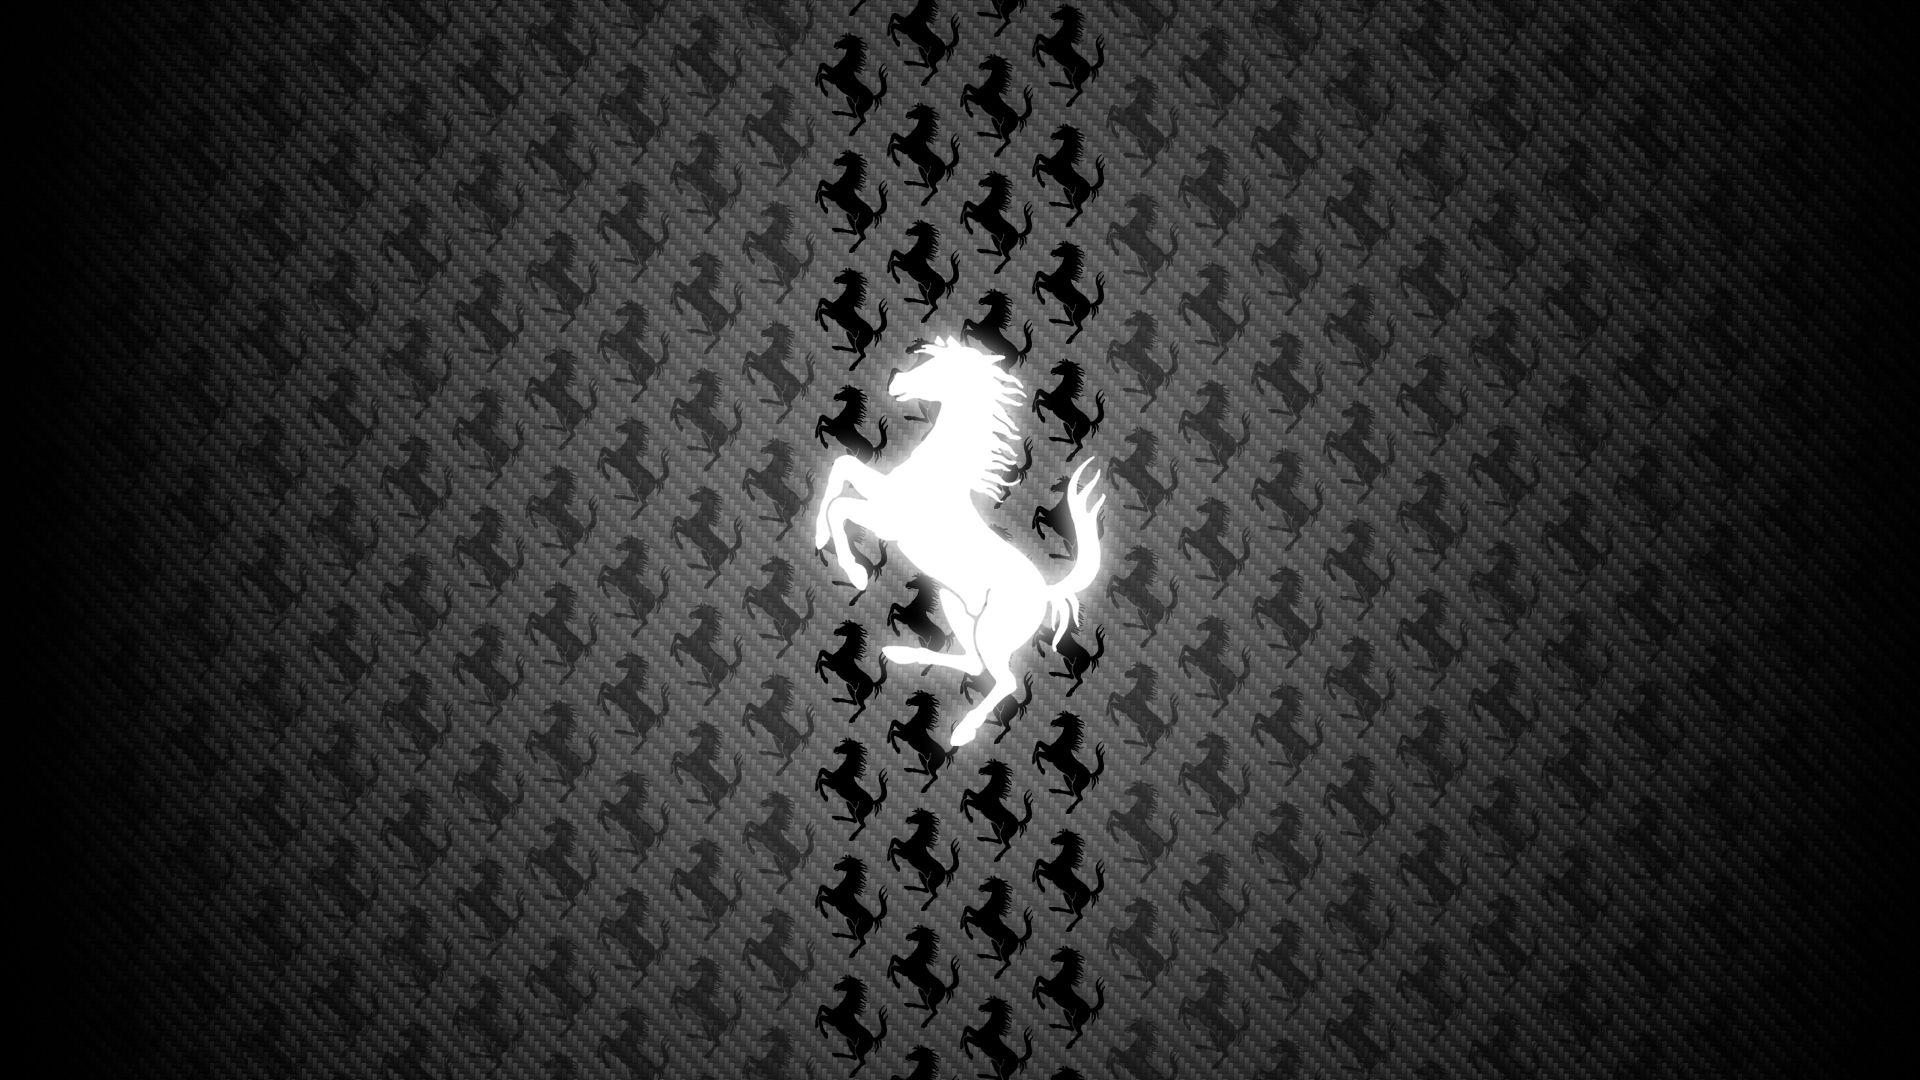 ferrari 1920x1080, background ferrari